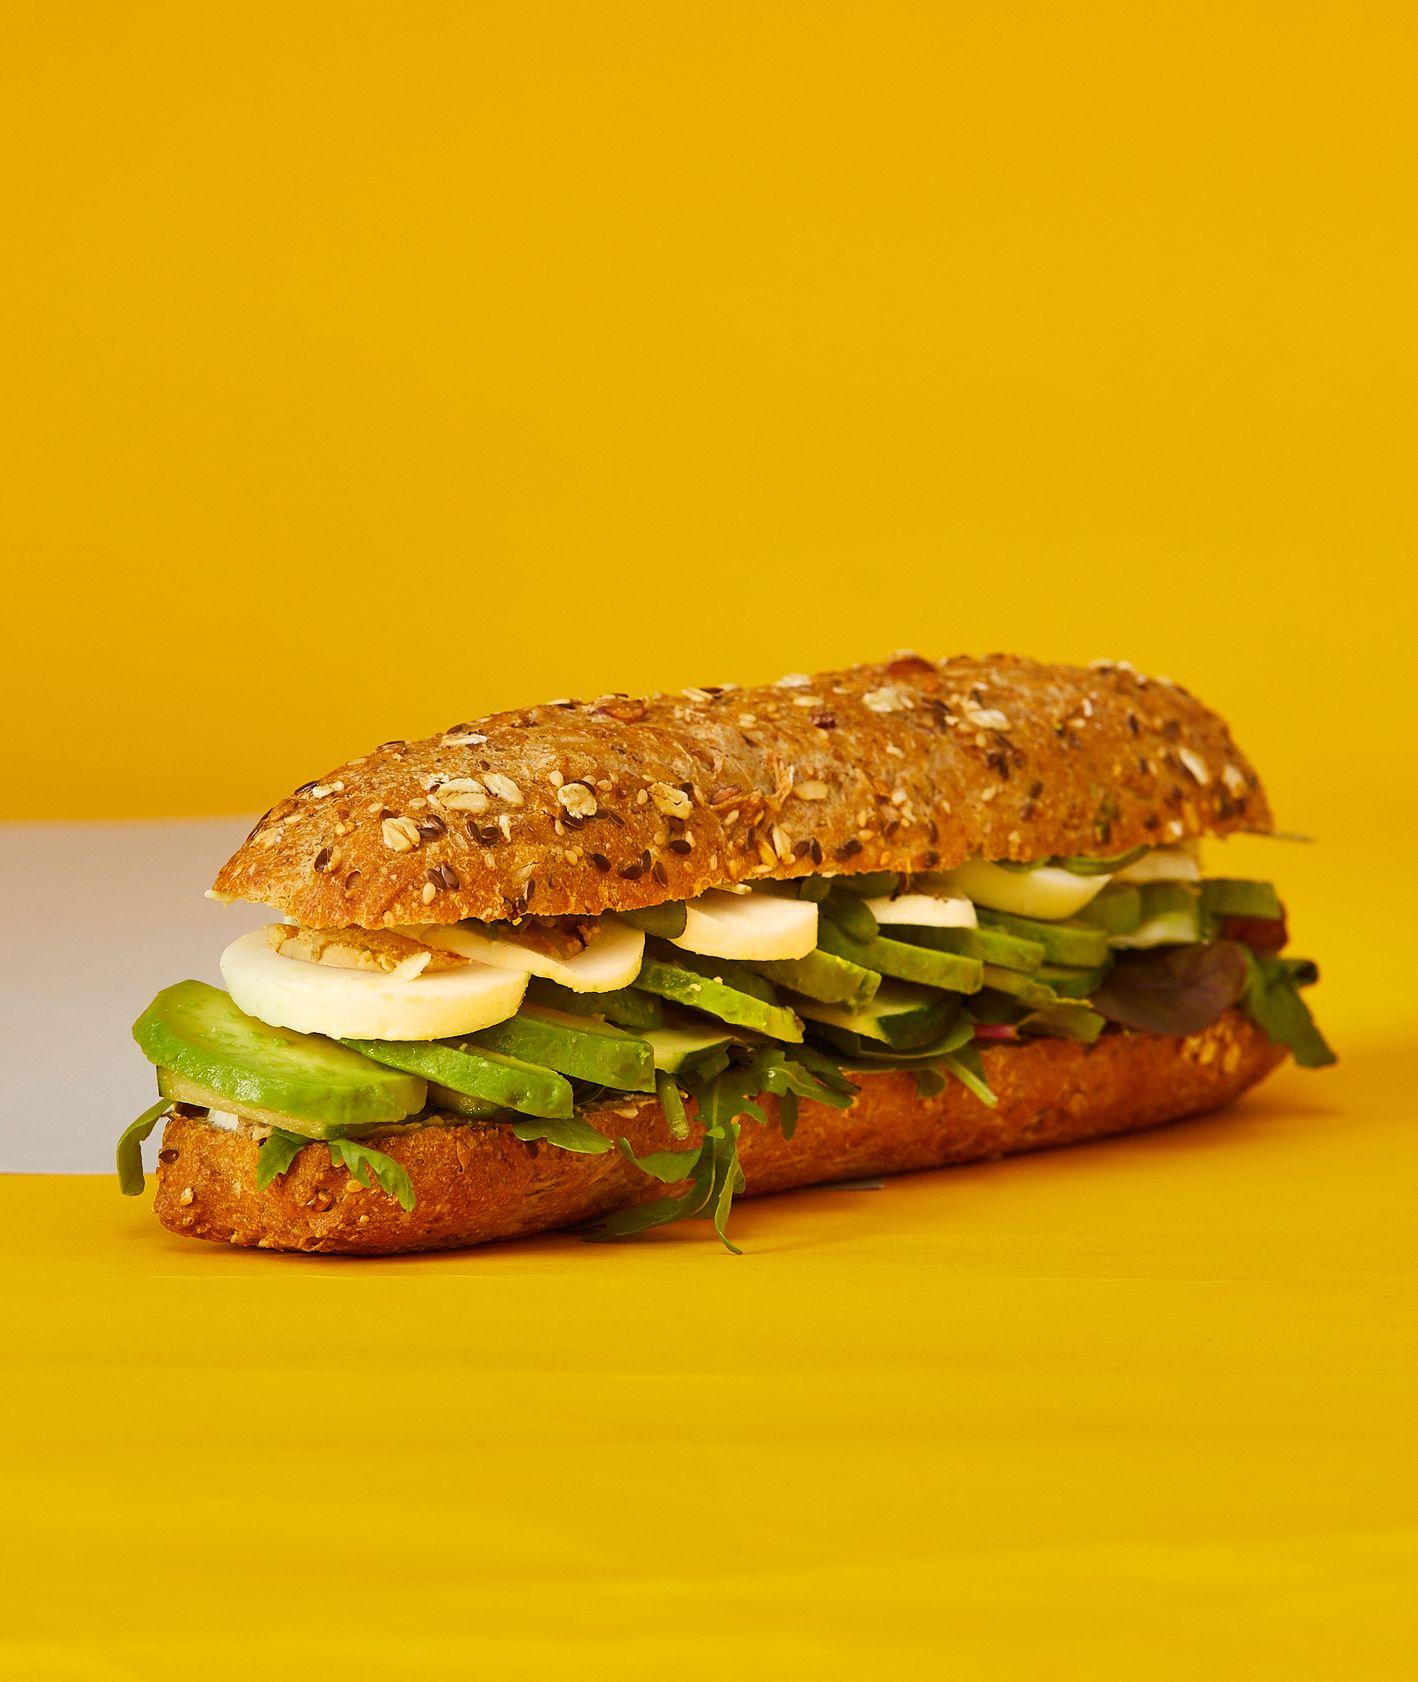 Przepisy na proste dania do szkoły – zielona kanapka z pełnoziarnistą bagietką (fot. Maciej Niemojewski)